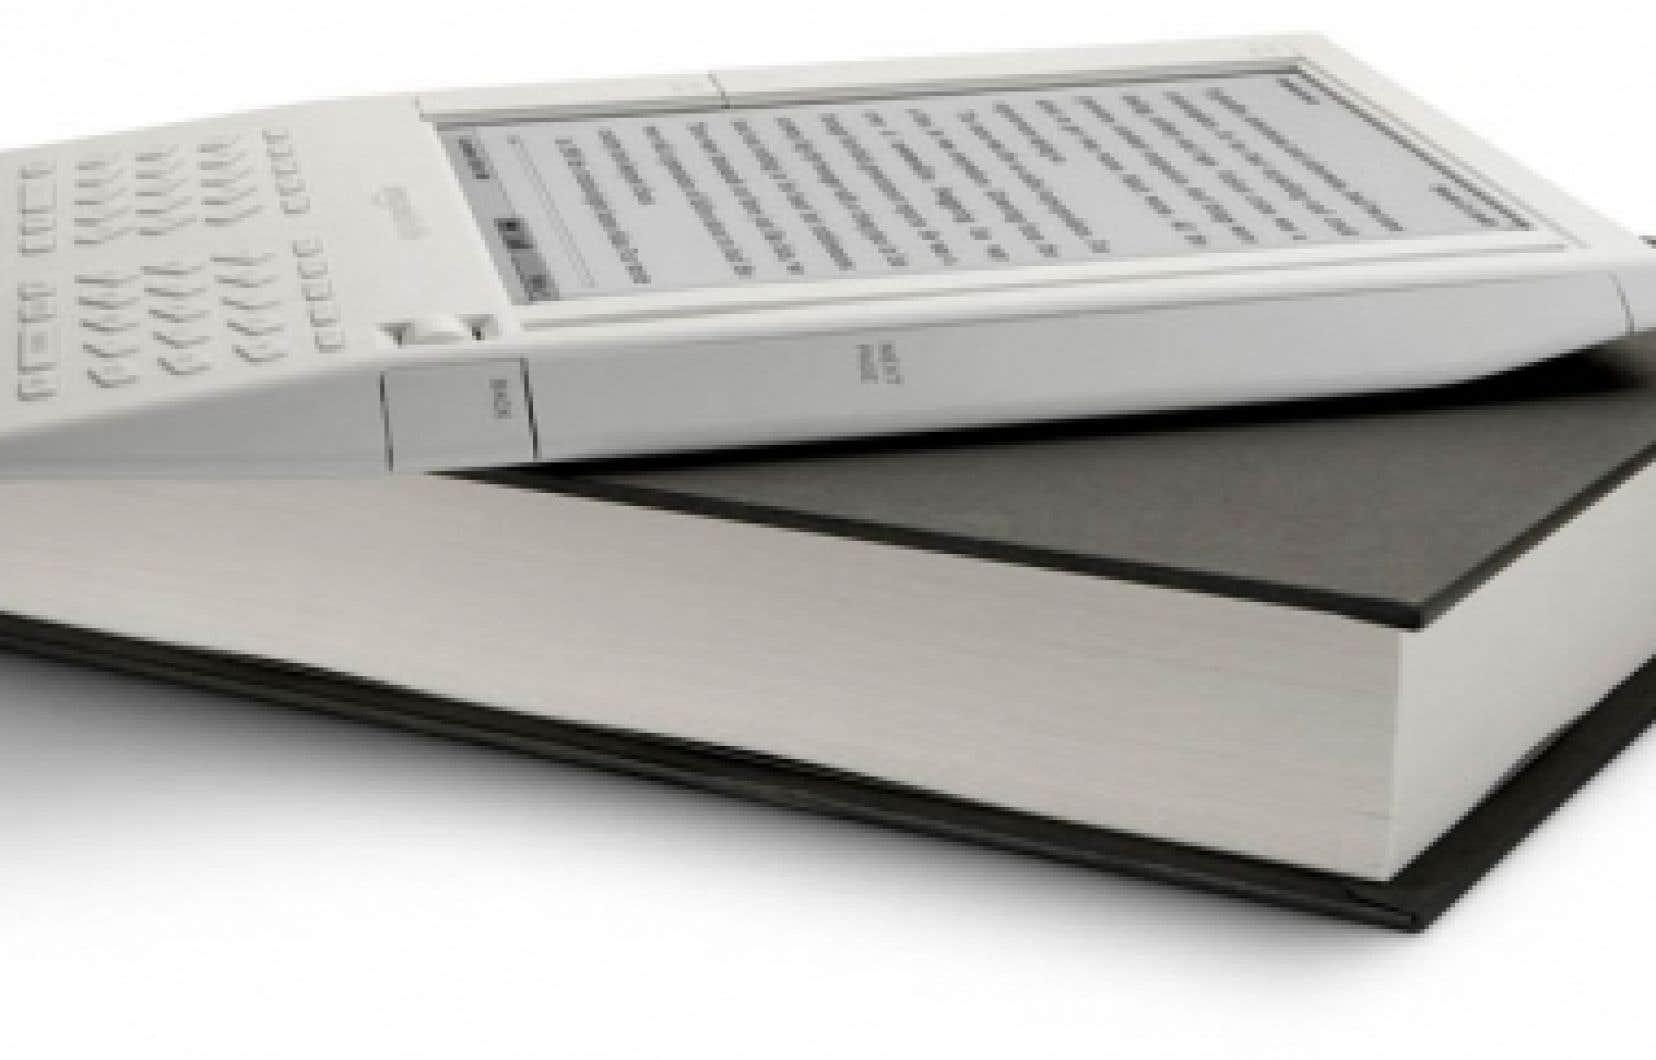 Les dispositifs intégrés aux nouvelles liseuses permettent aux fabricants de suivre page à page le parcours du lecteur dans son livre numérique.<br />